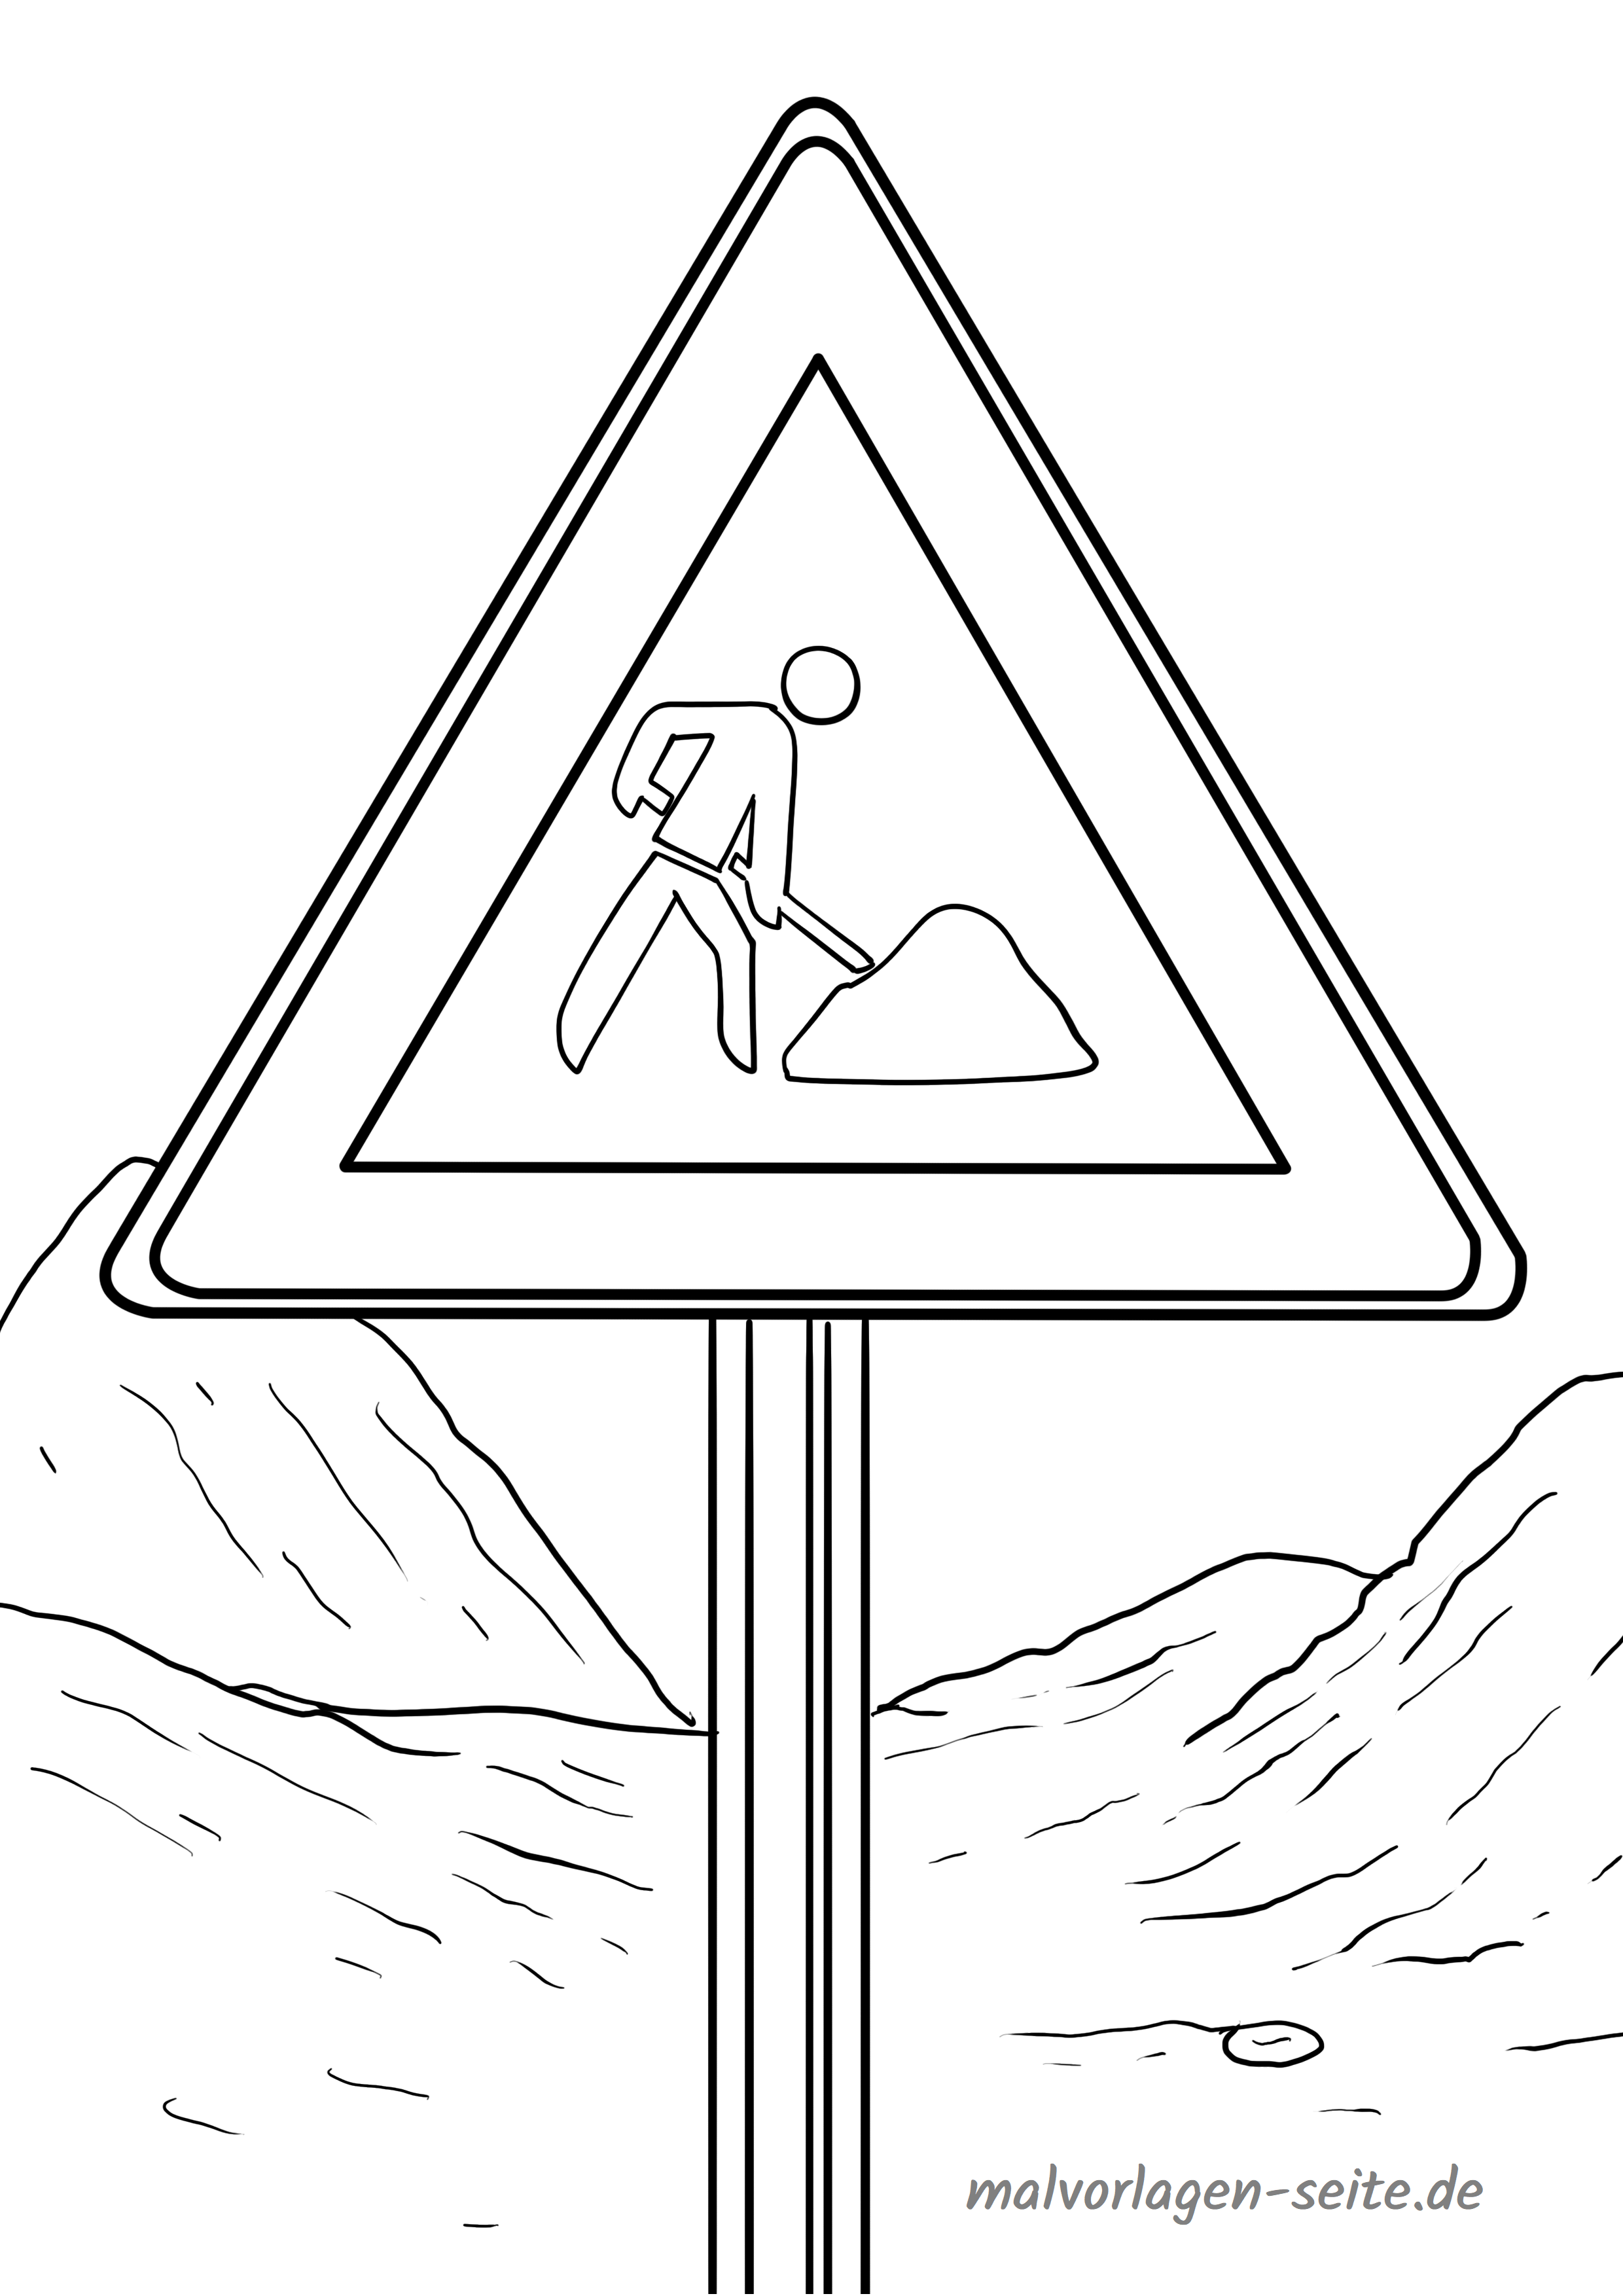 Verkehrszeichen Malvorlage Baustelle Gratis Malvorlagen Zum Download